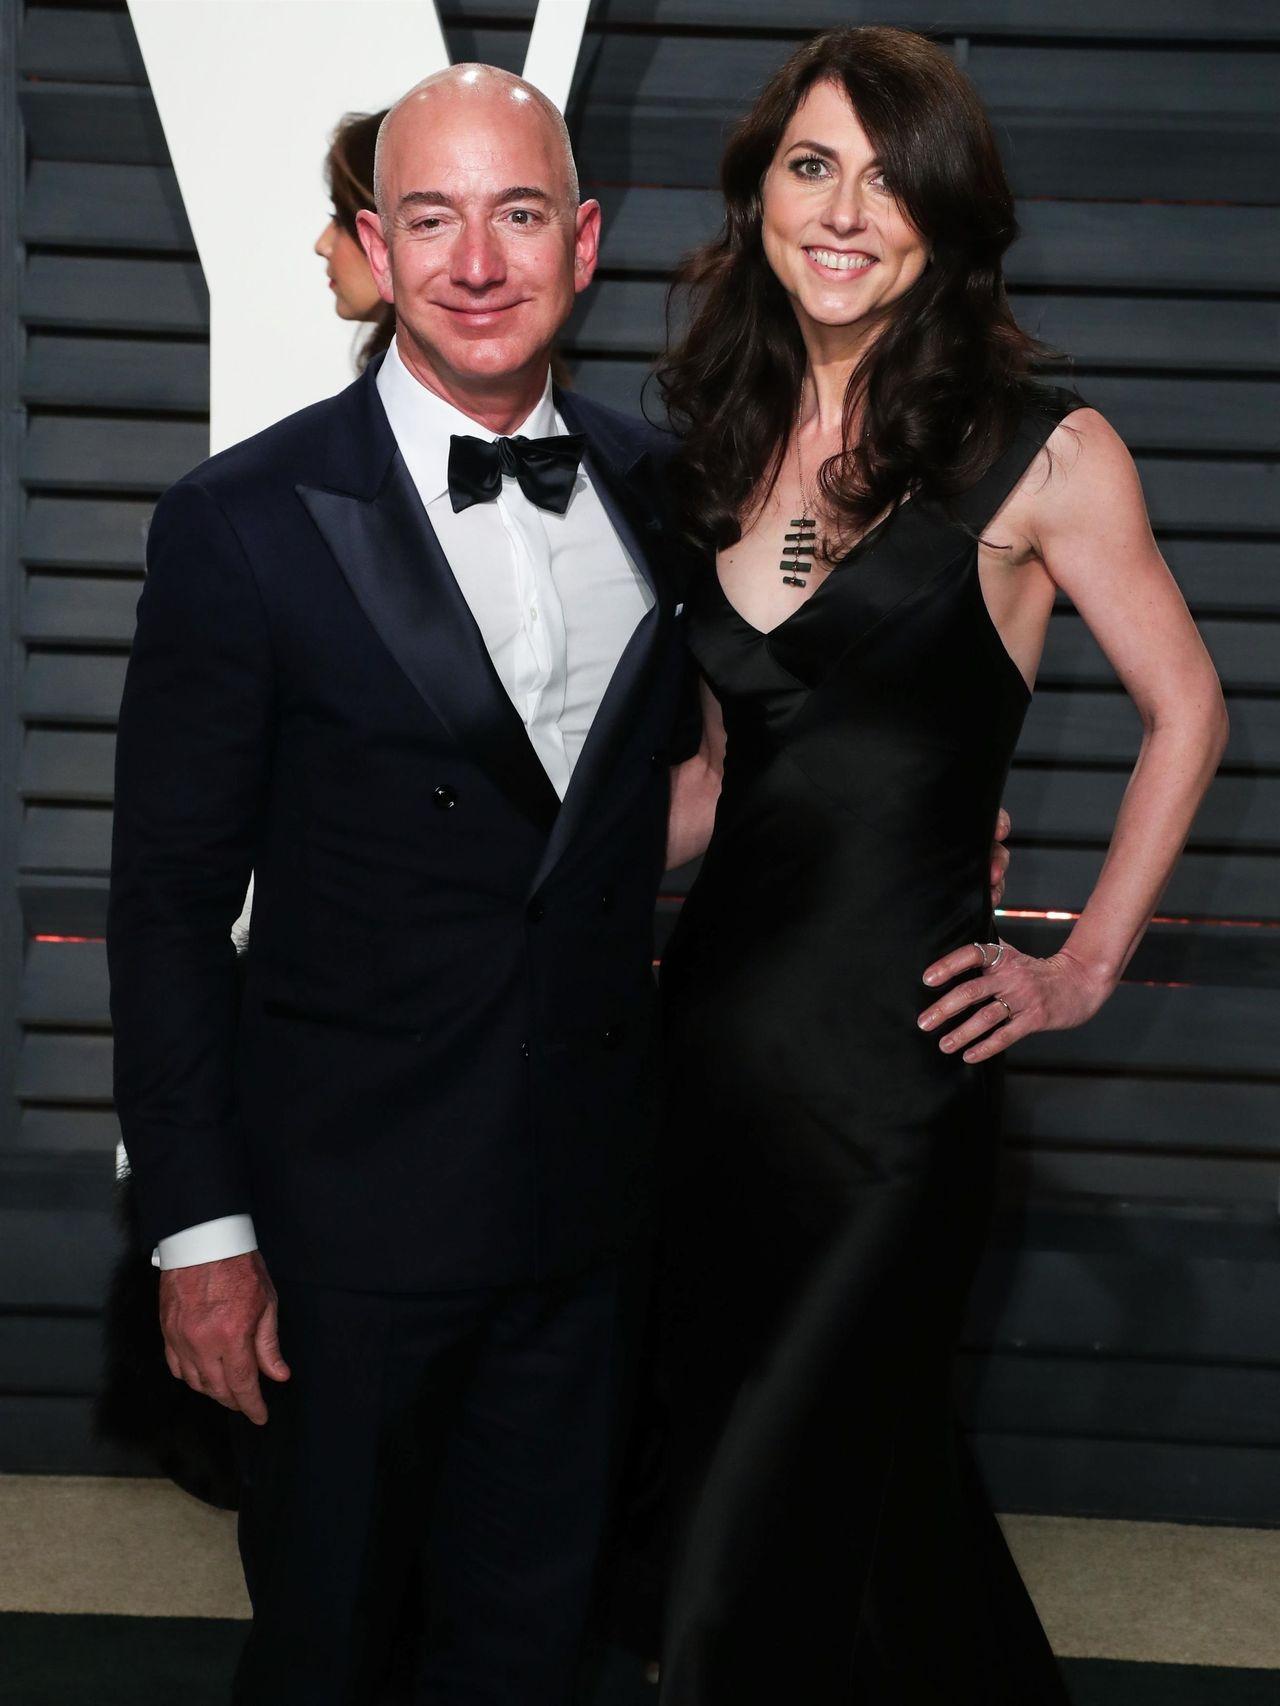 Jeff Bezos miał romans z Lauren Sanchez 9 miesięcy przed separacją z żoną